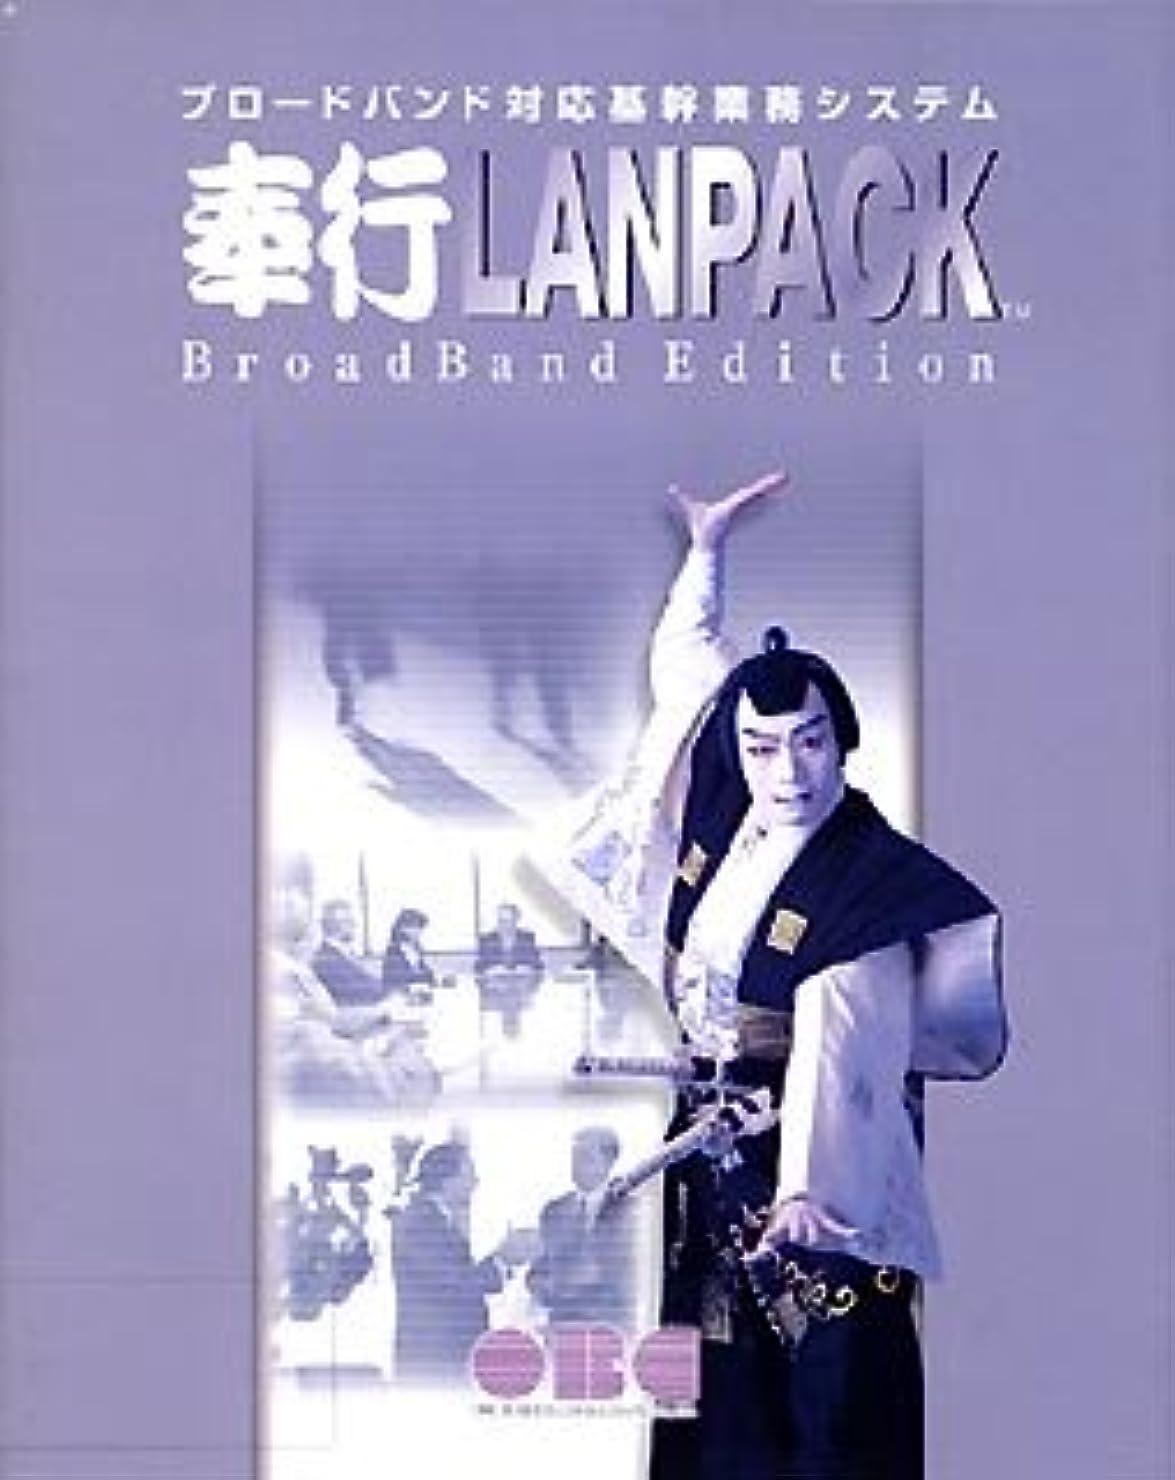 舞い上がる全能夜就業奉行 21 LANPACK BroadBand Edition for Windows 40ライセンス